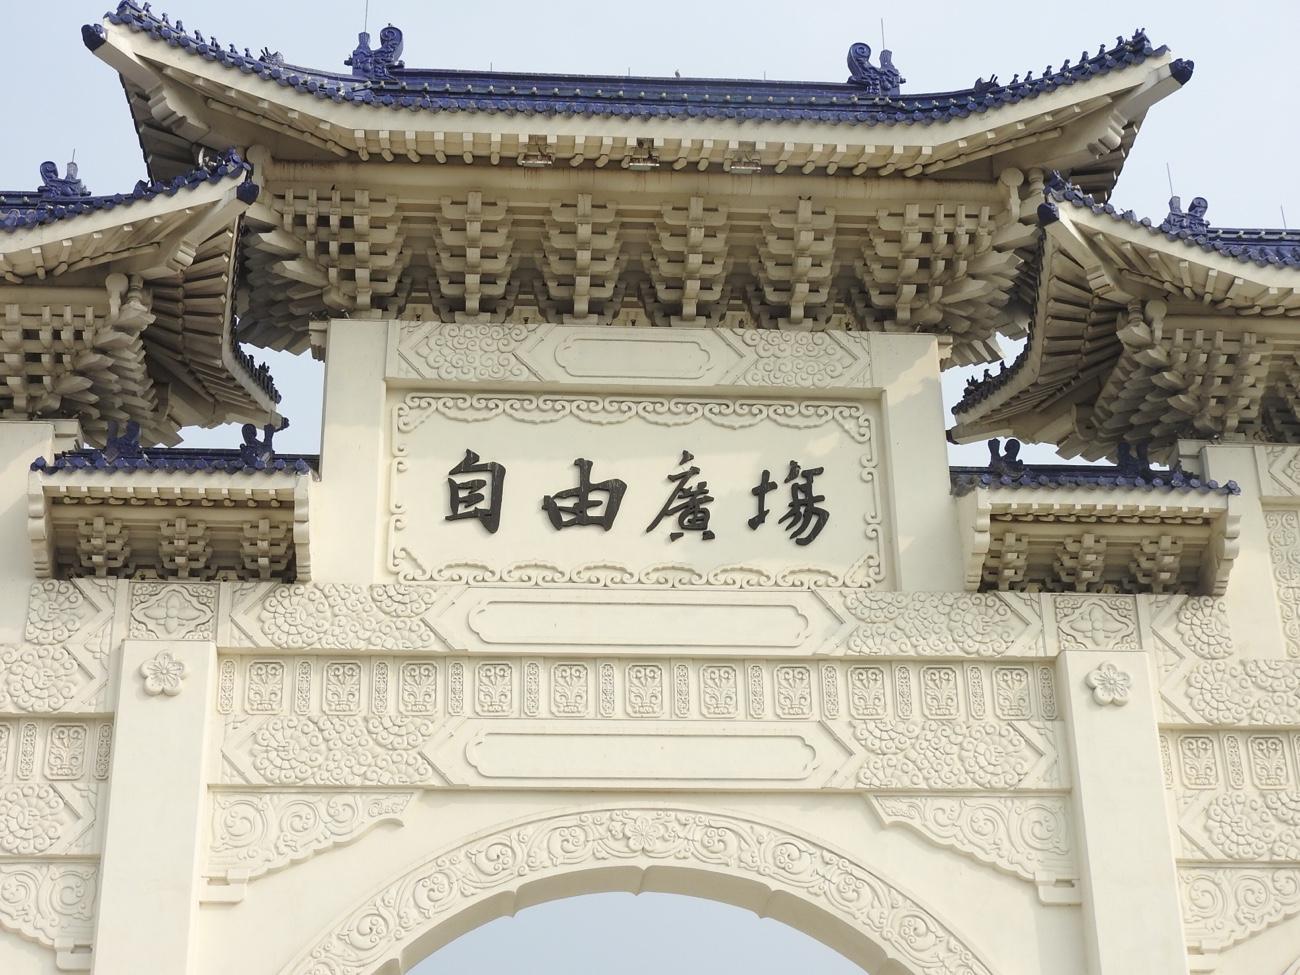 台北観光 中正記念堂 交代式時間と場所どこ